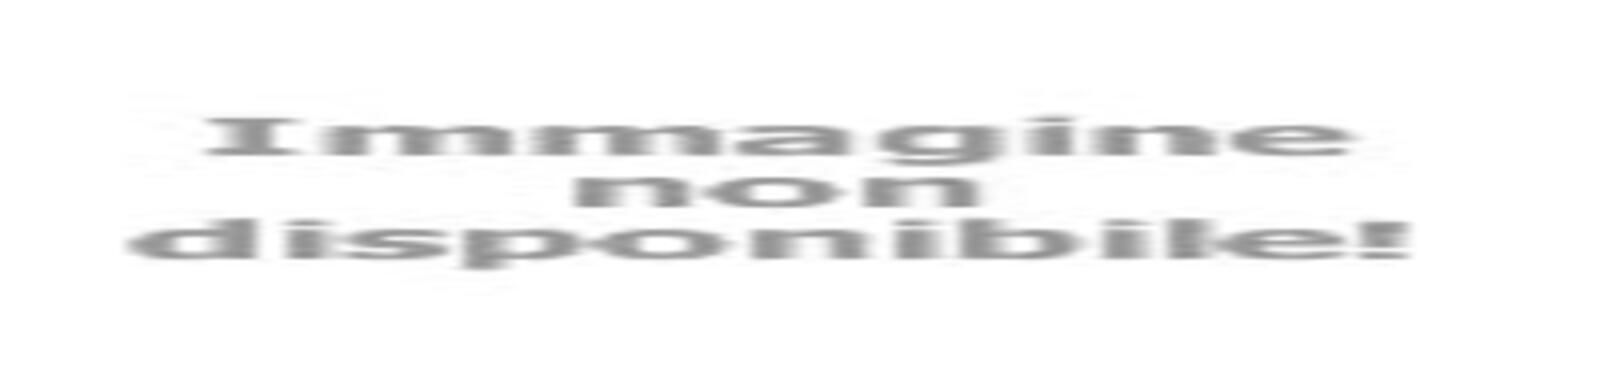 petronianaviaggi it viandanti-sui-colli-di-bologna-v280 002